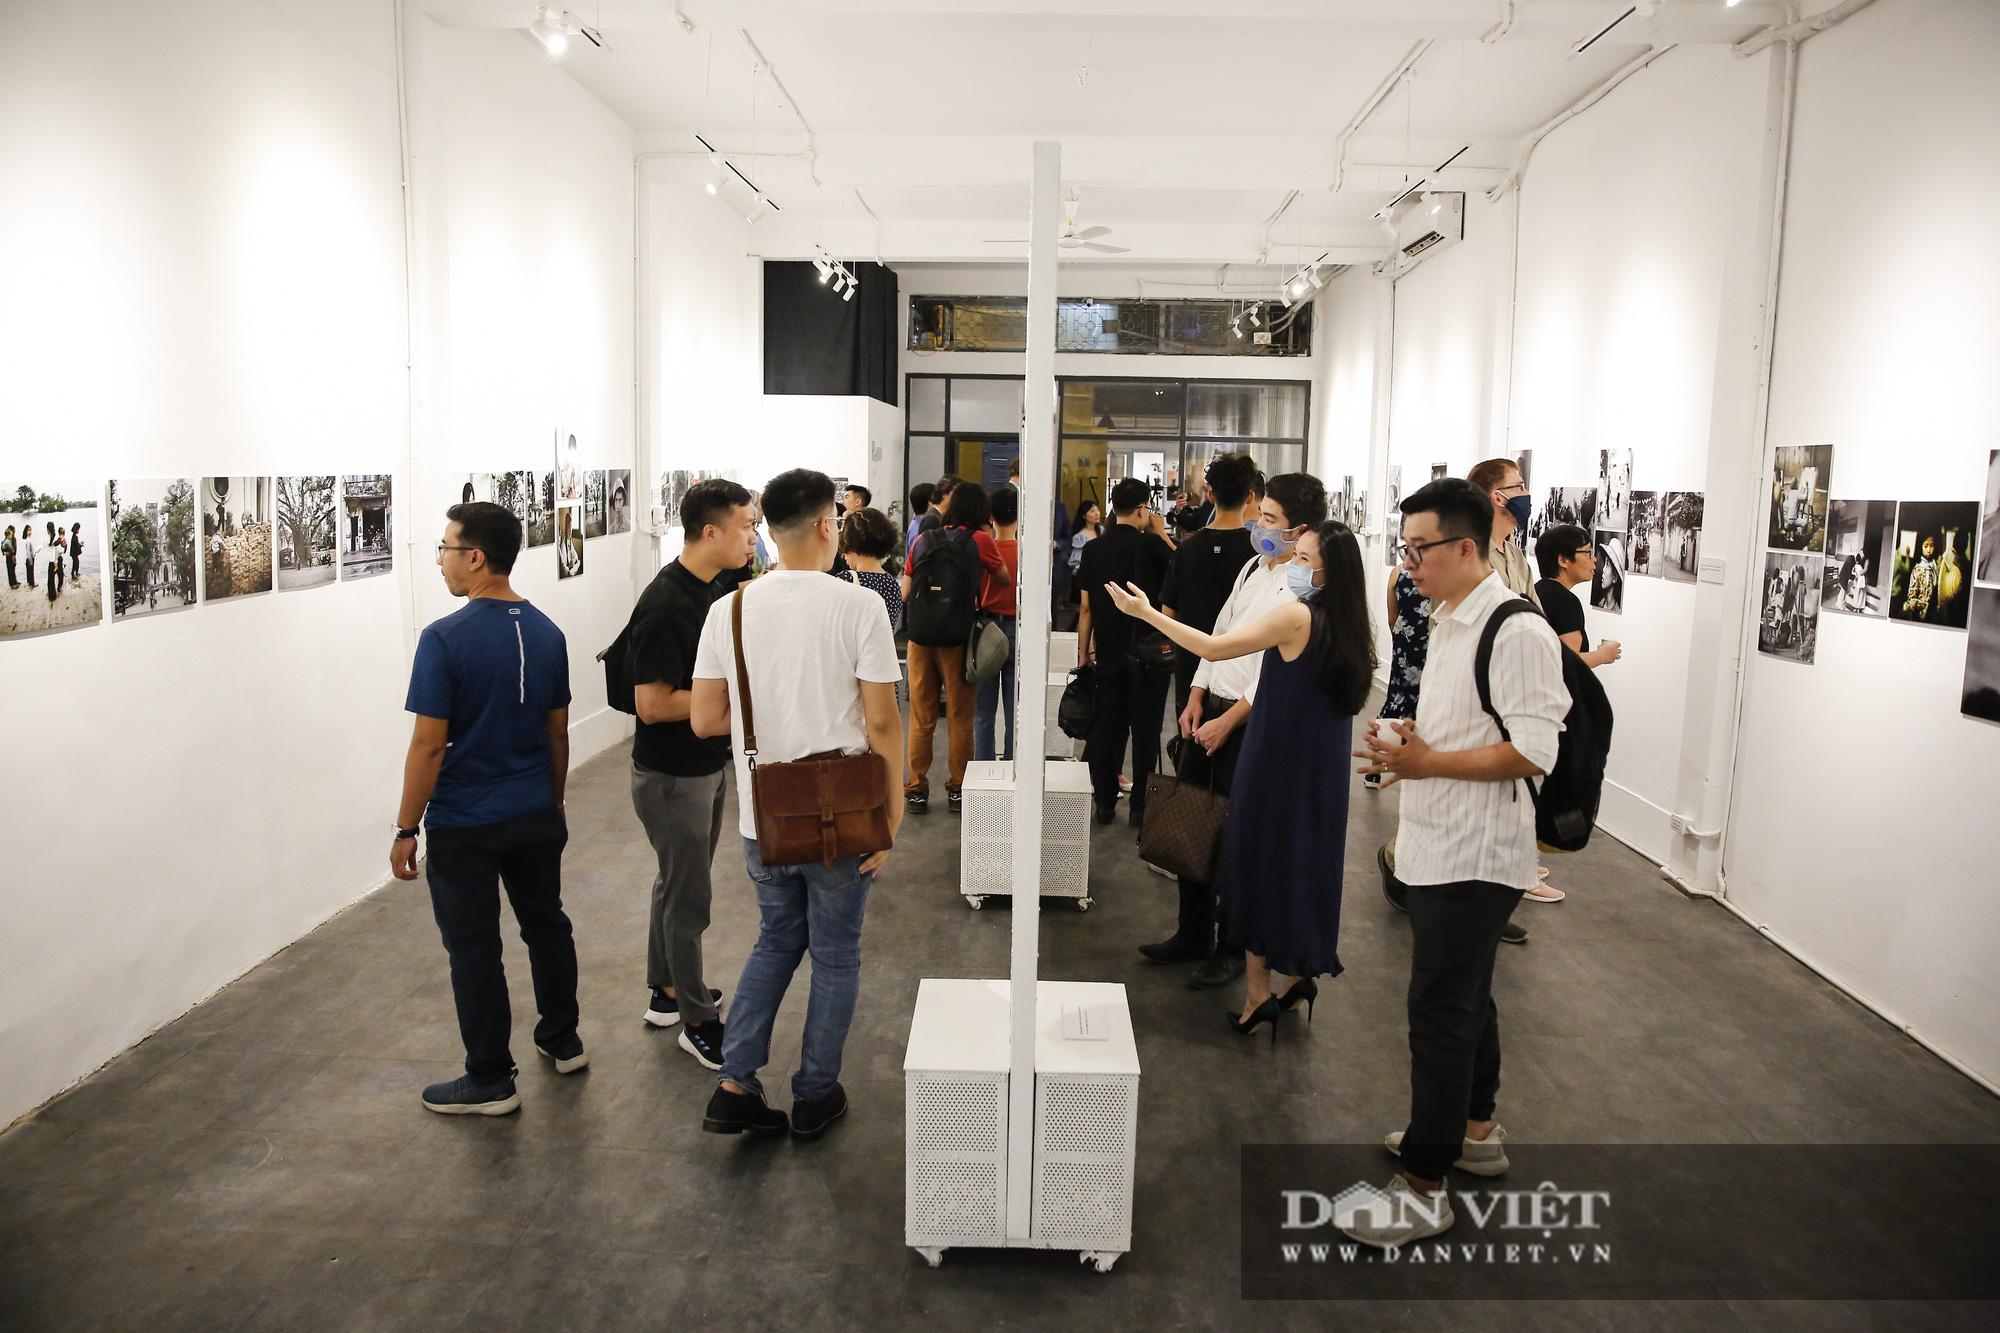 Đại sứ Đức tại Việt Nam tham dự triển lãm ảnh đặc biệt về Hà Nội - Ảnh 11.